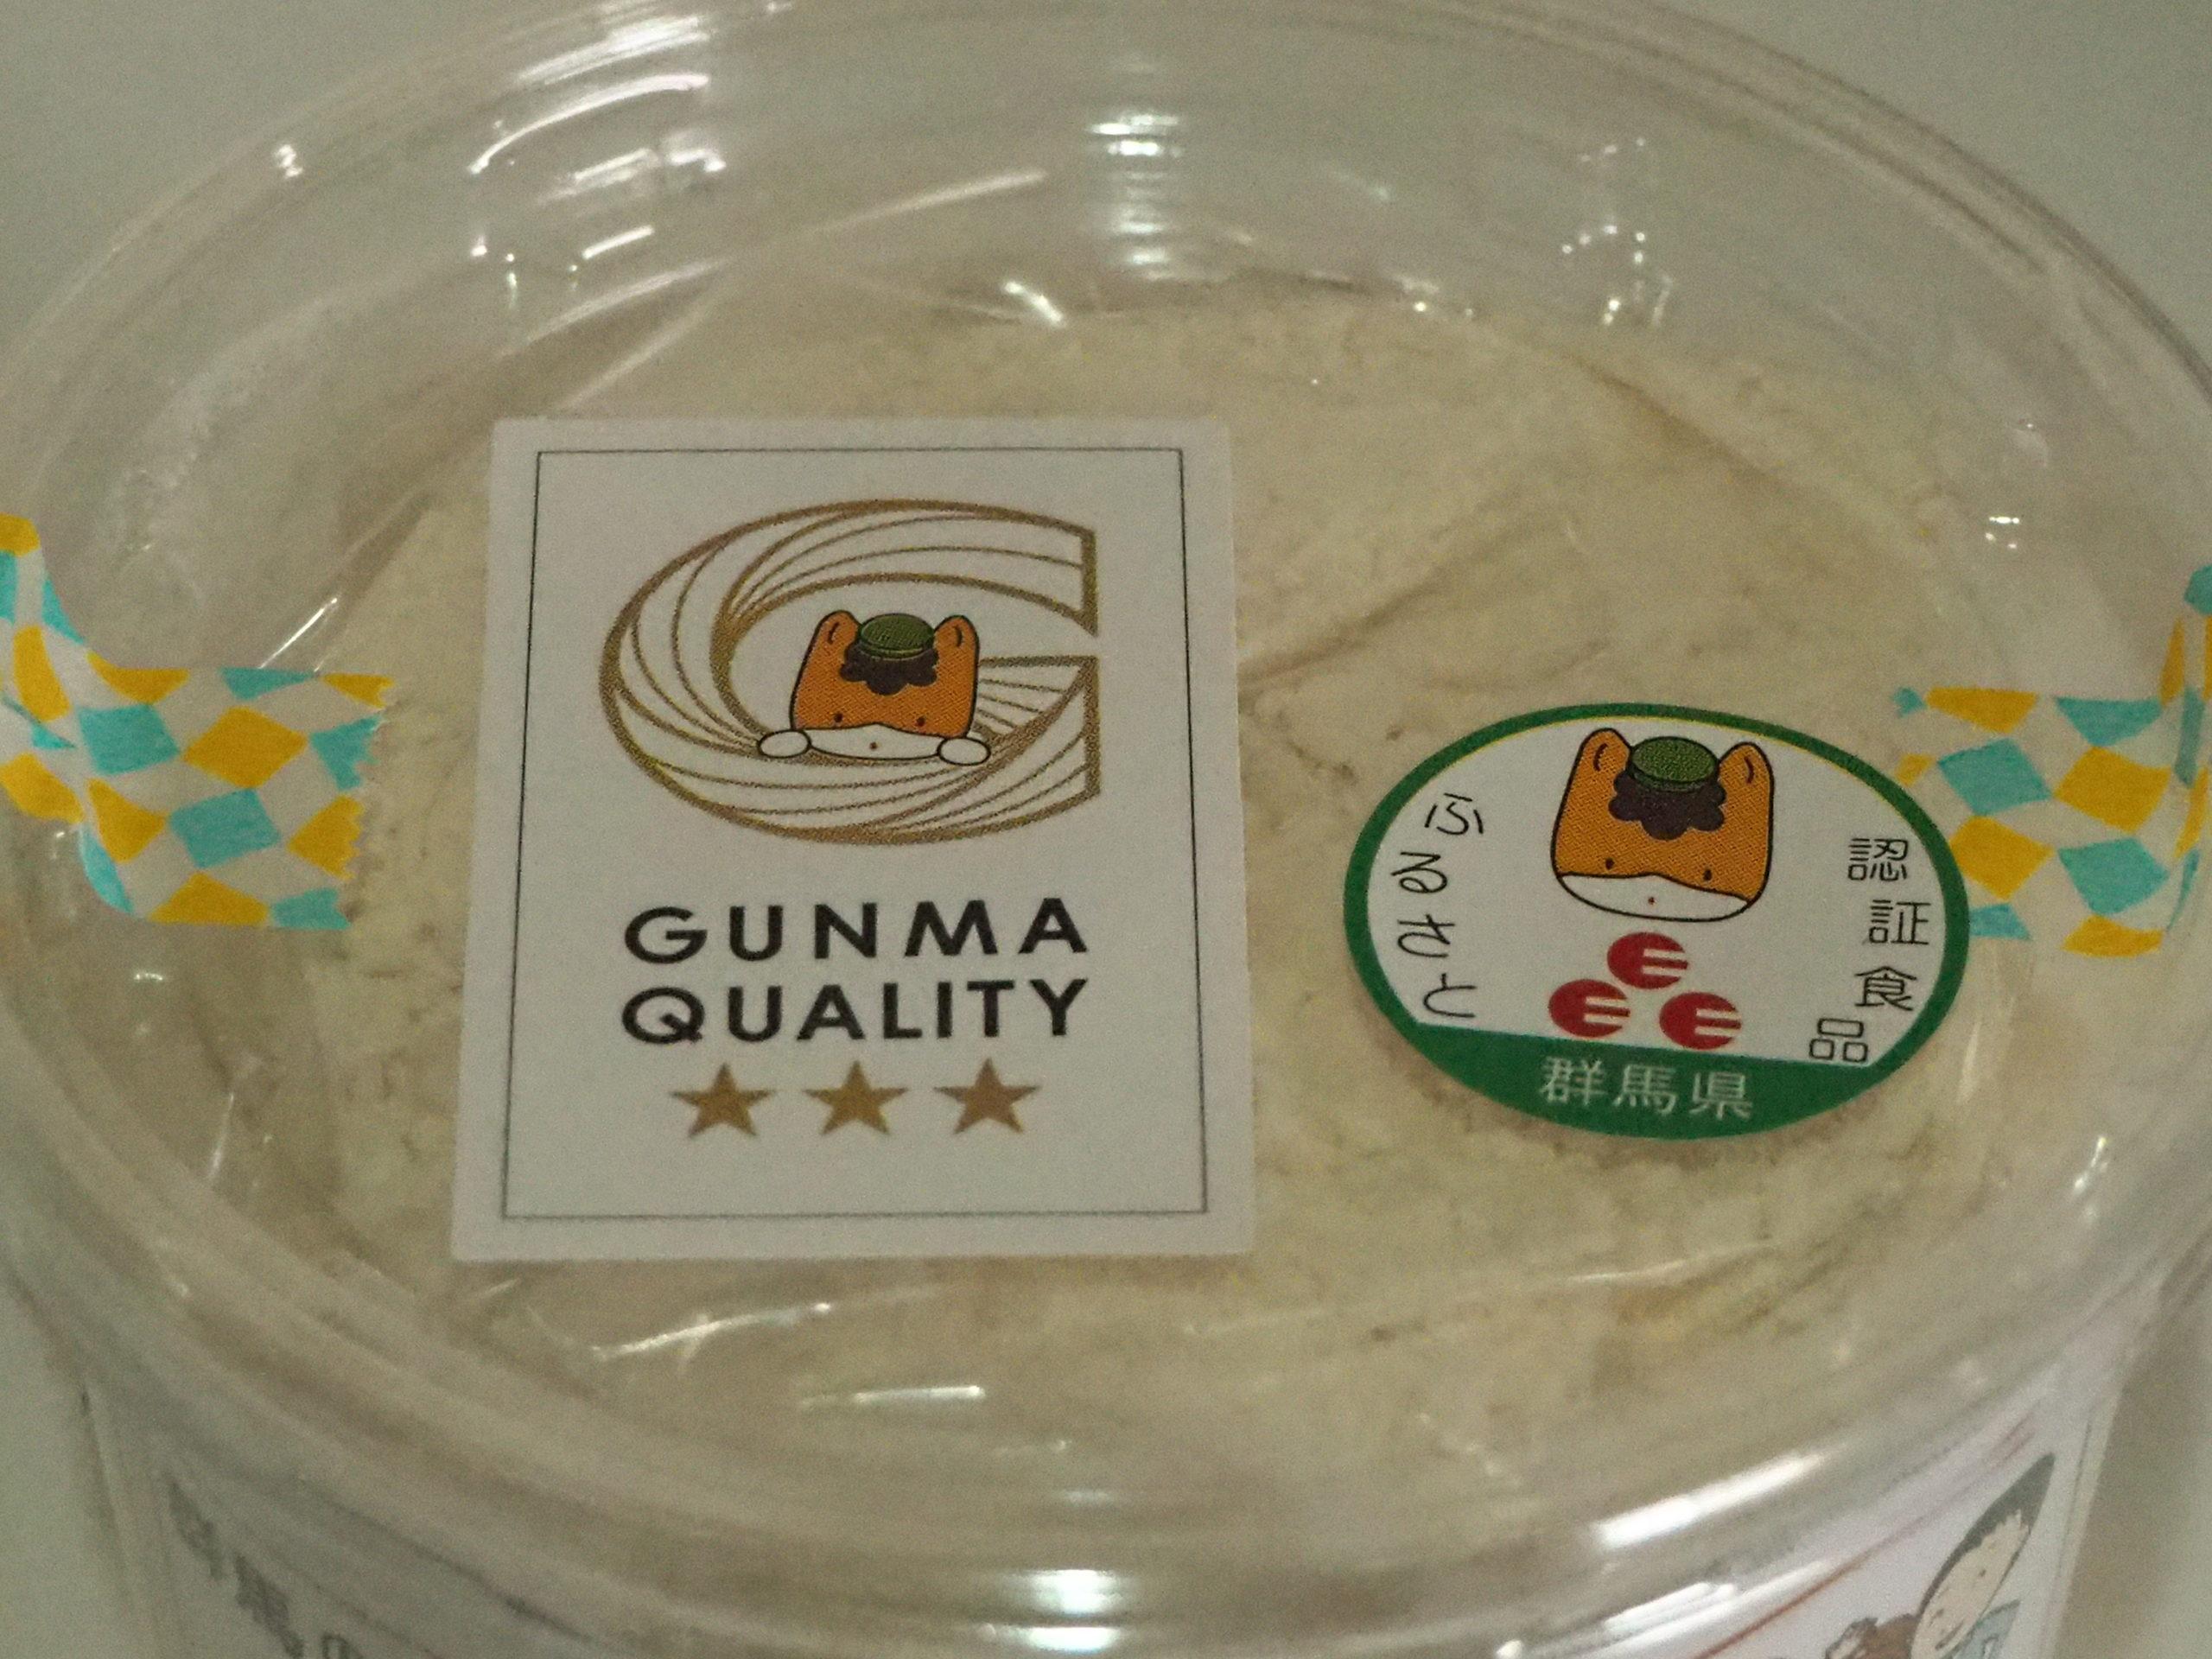 キリブチ製麺 まぜまぜカップシリーズ 群馬県ふるさと認証食品